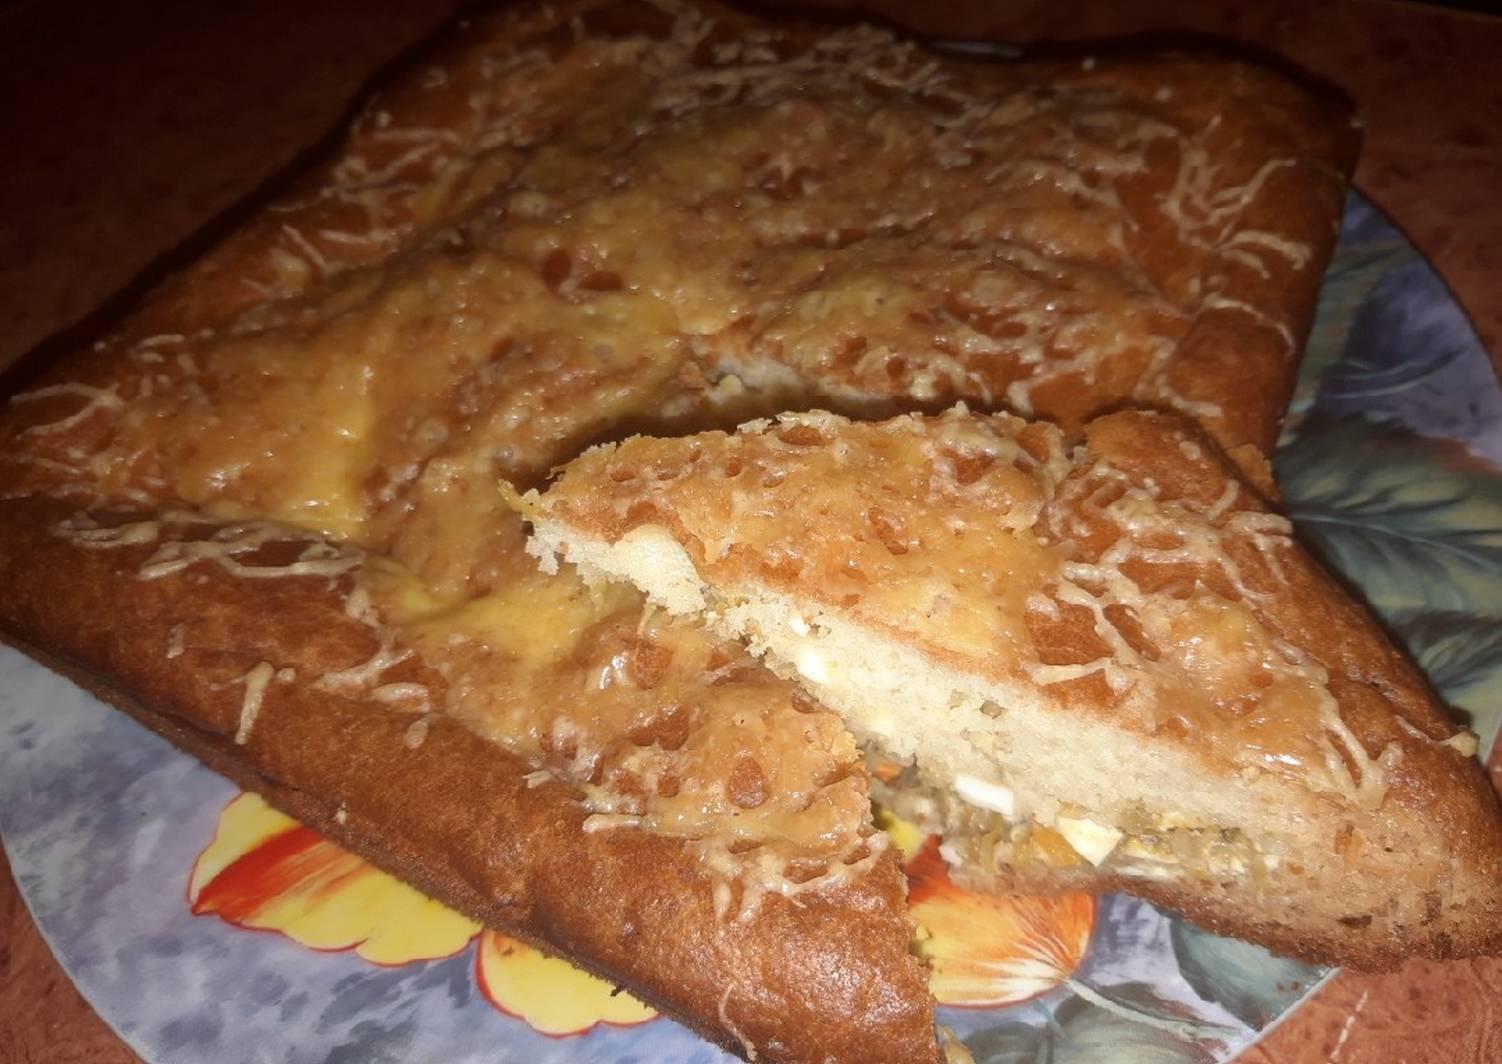 винеров определению наливные пироги рецепты с фото так хочу обнять